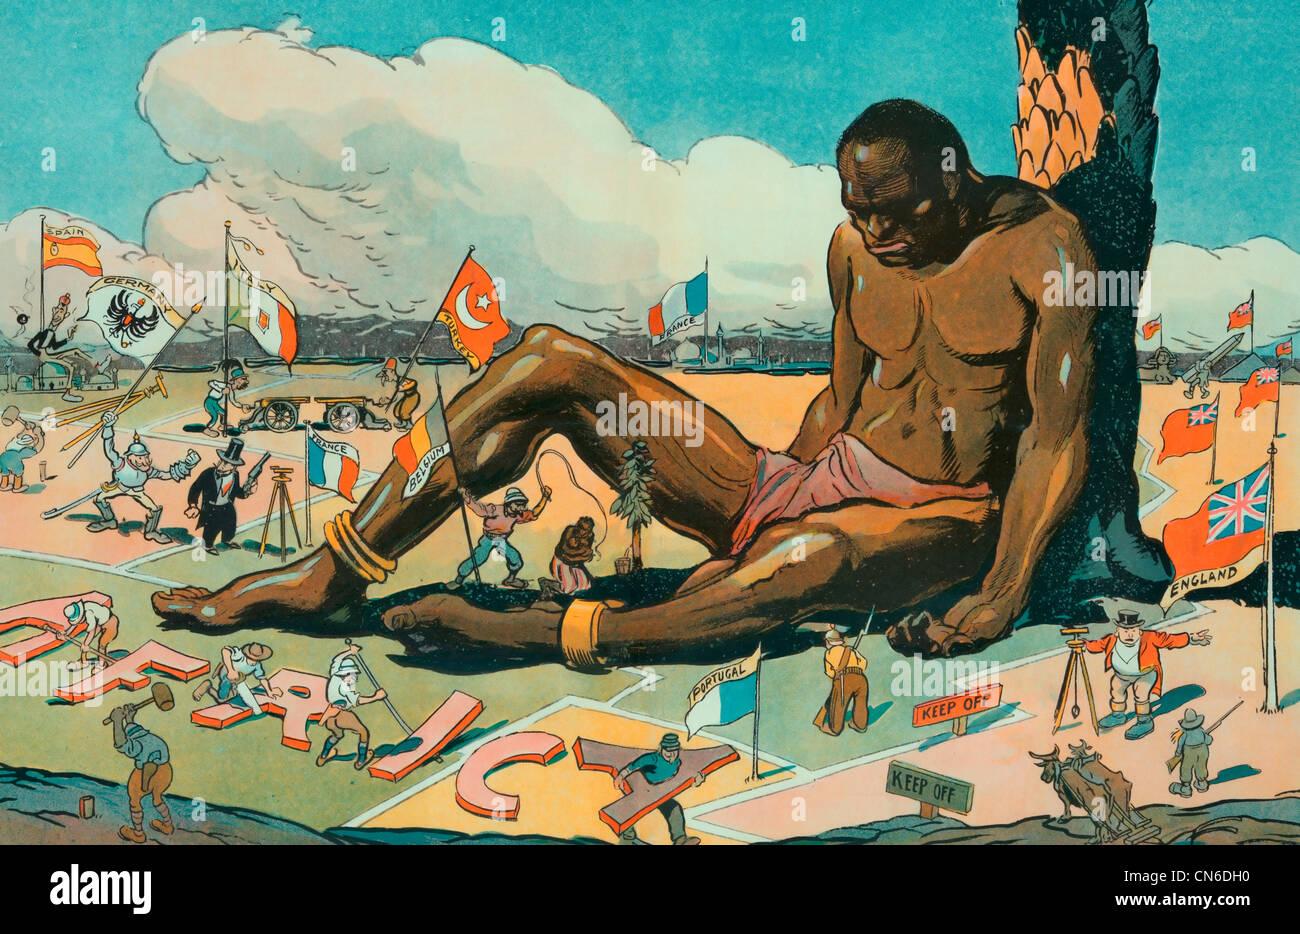 La maladie du sommeil l'illustration montre un grand homme africain assis, endormi, tandis que les pays européens Photo Stock